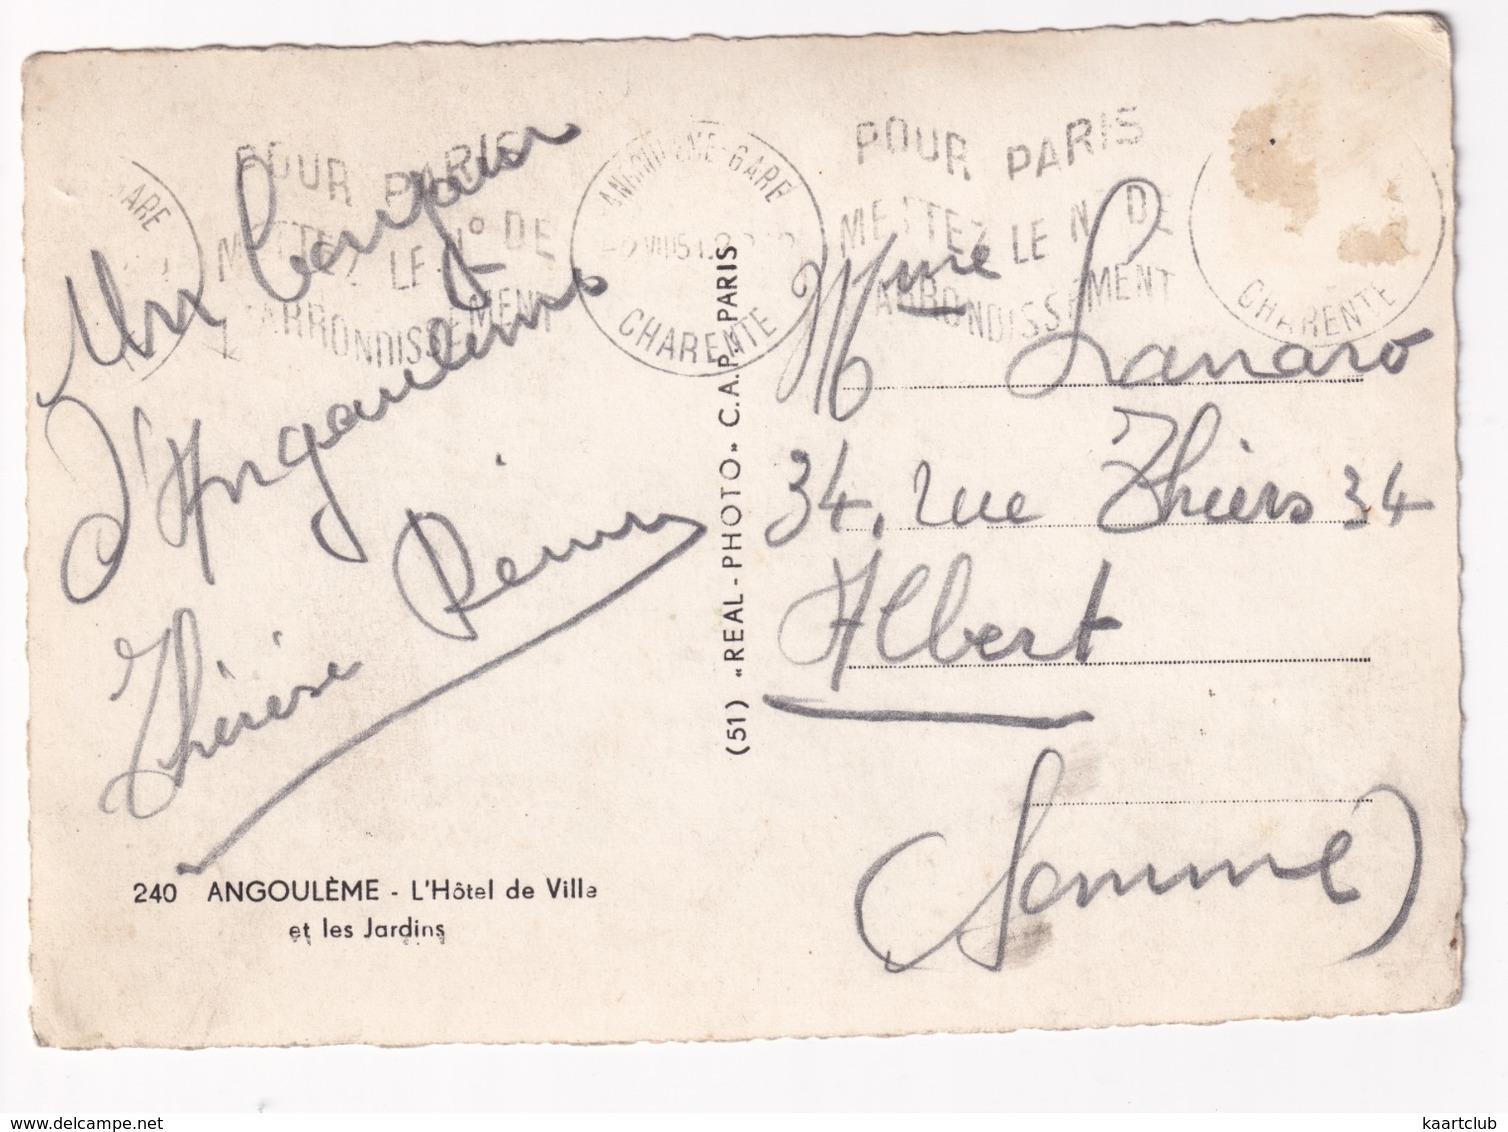 Angouleme: SIMCA 5 FOURGONETTE, & 5 SEDAN, CAMION - L'Hotel De Ville Et Les Jardins - Passenger Cars